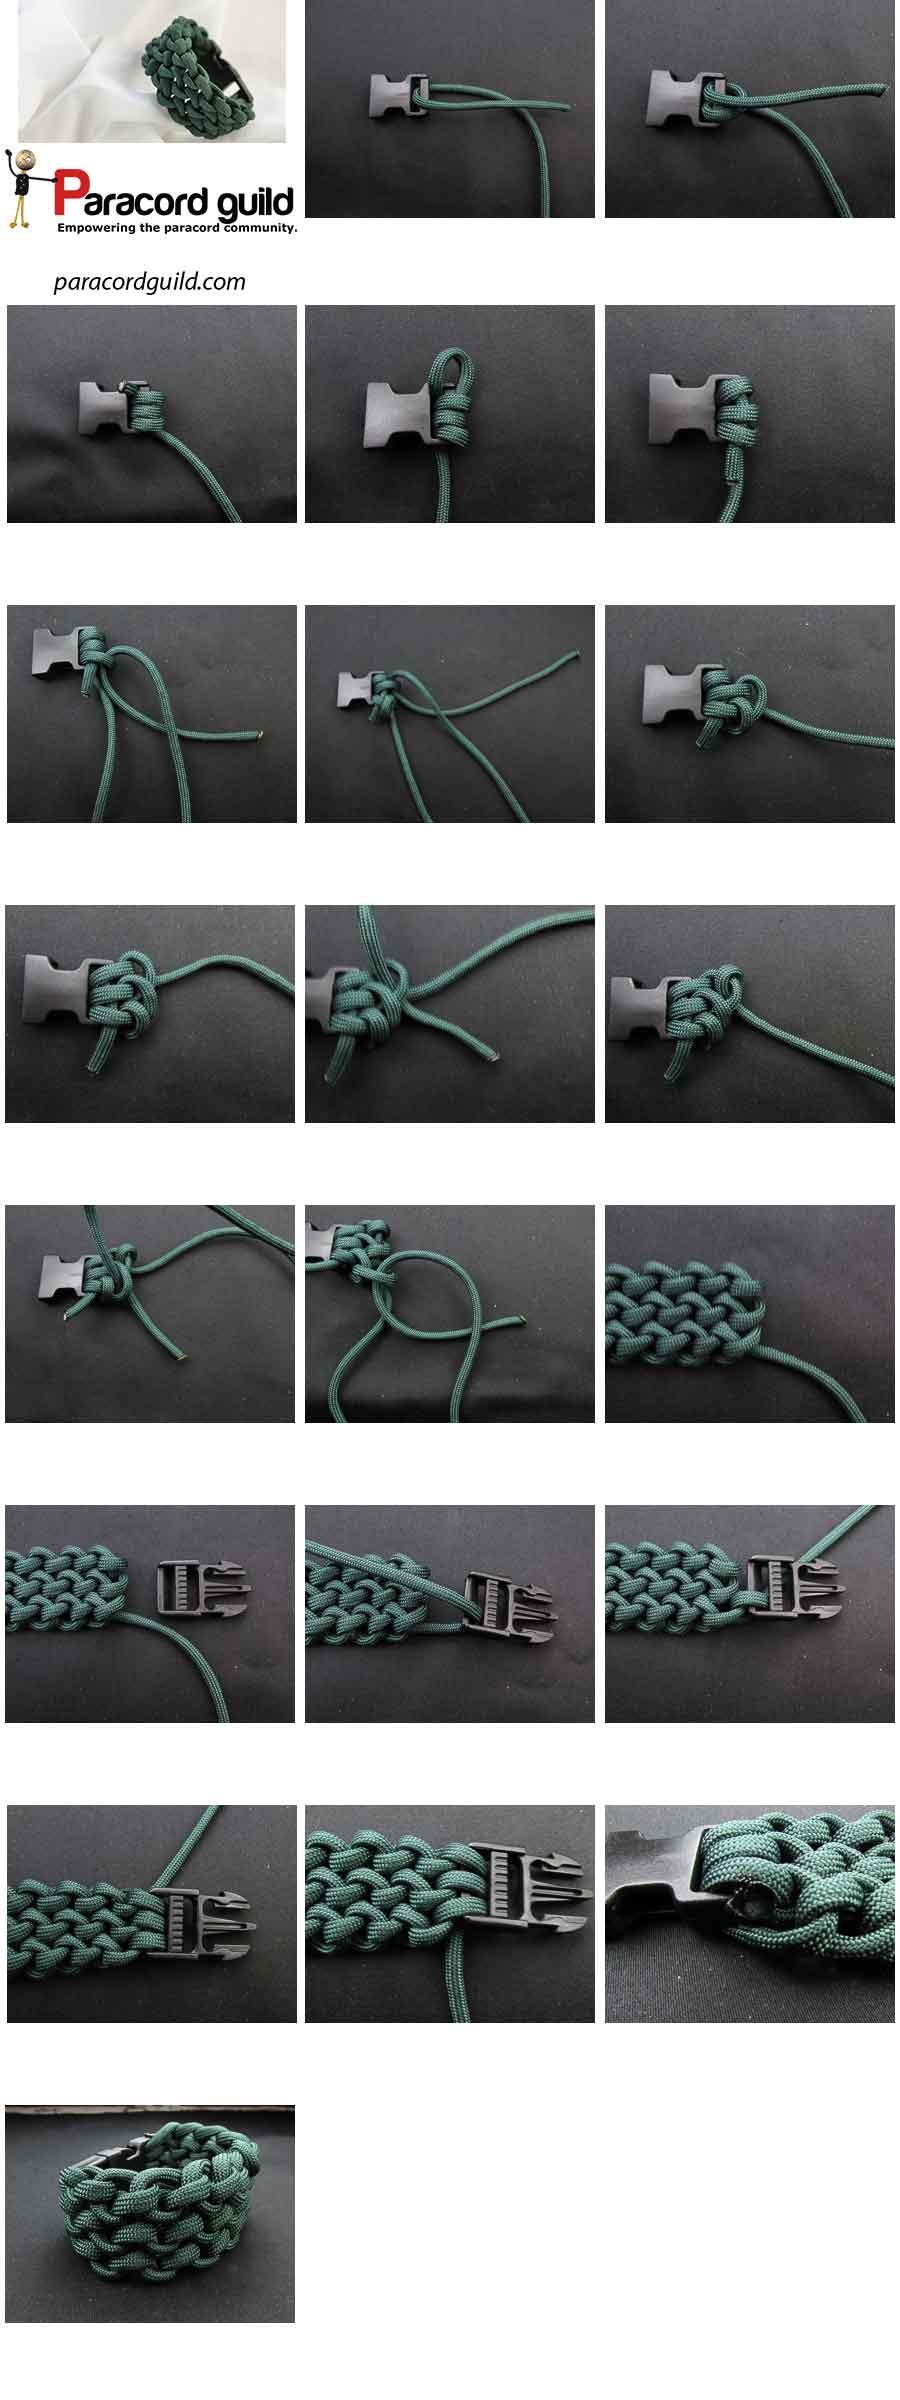 conquistador-paracord-bracelet-instructions